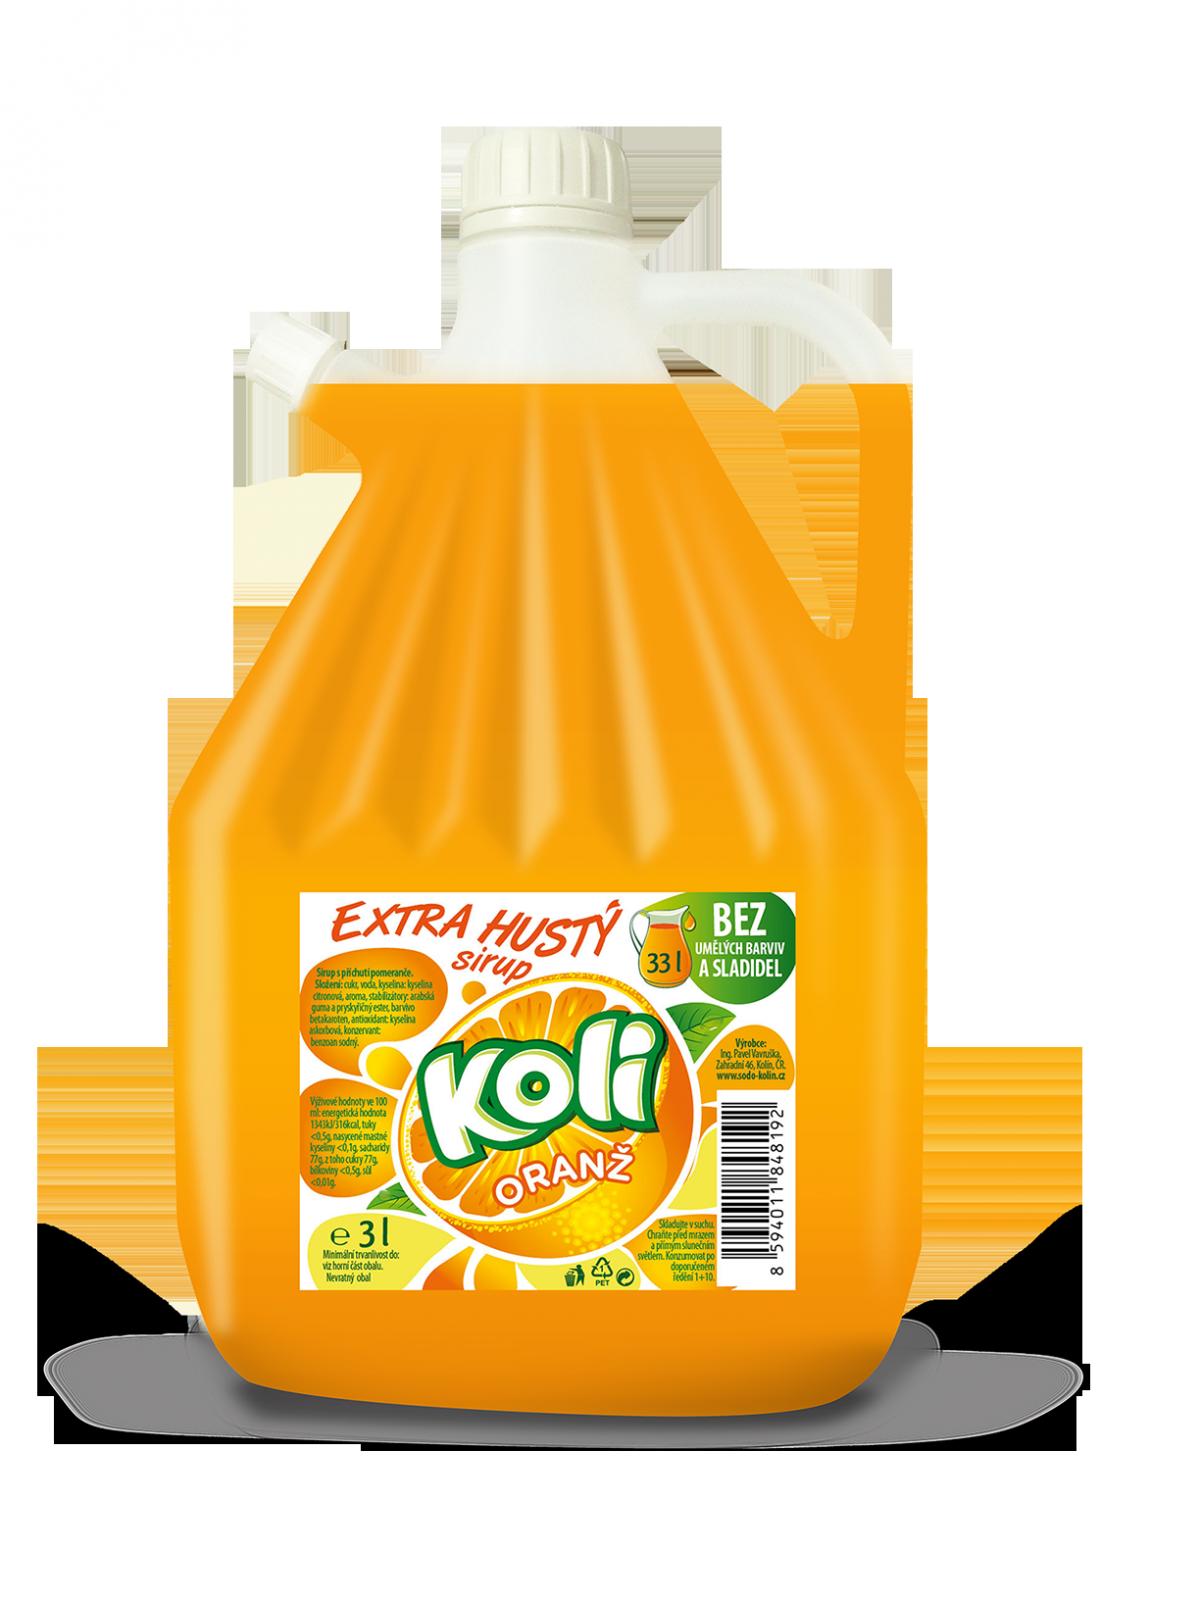 Koli syrop EXTRA gęsty 3lt pomarańczowy - limonáda s osviežujúcou ovocnou chuťou. Sodovkárna Kolín